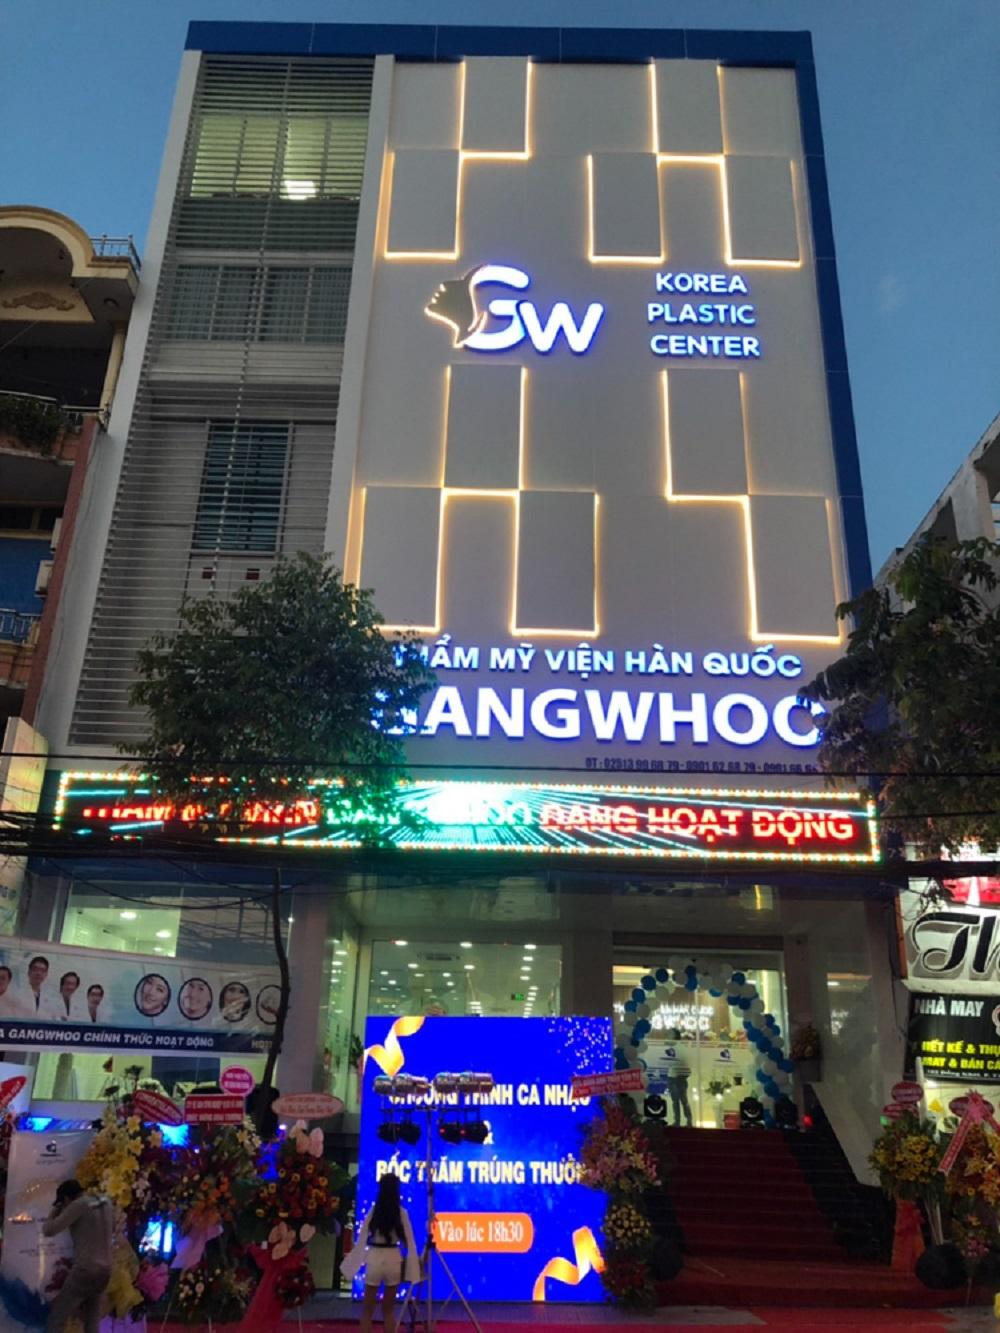 Nâng mũi an toàn và ổn định thì chọn Thẩm mỹ viện Gangwhoo Hàn Quốc | [2021] Tất tần tật 12 địa chỉ nâng mũi uy tín và an toàn nhất ở TPHCM